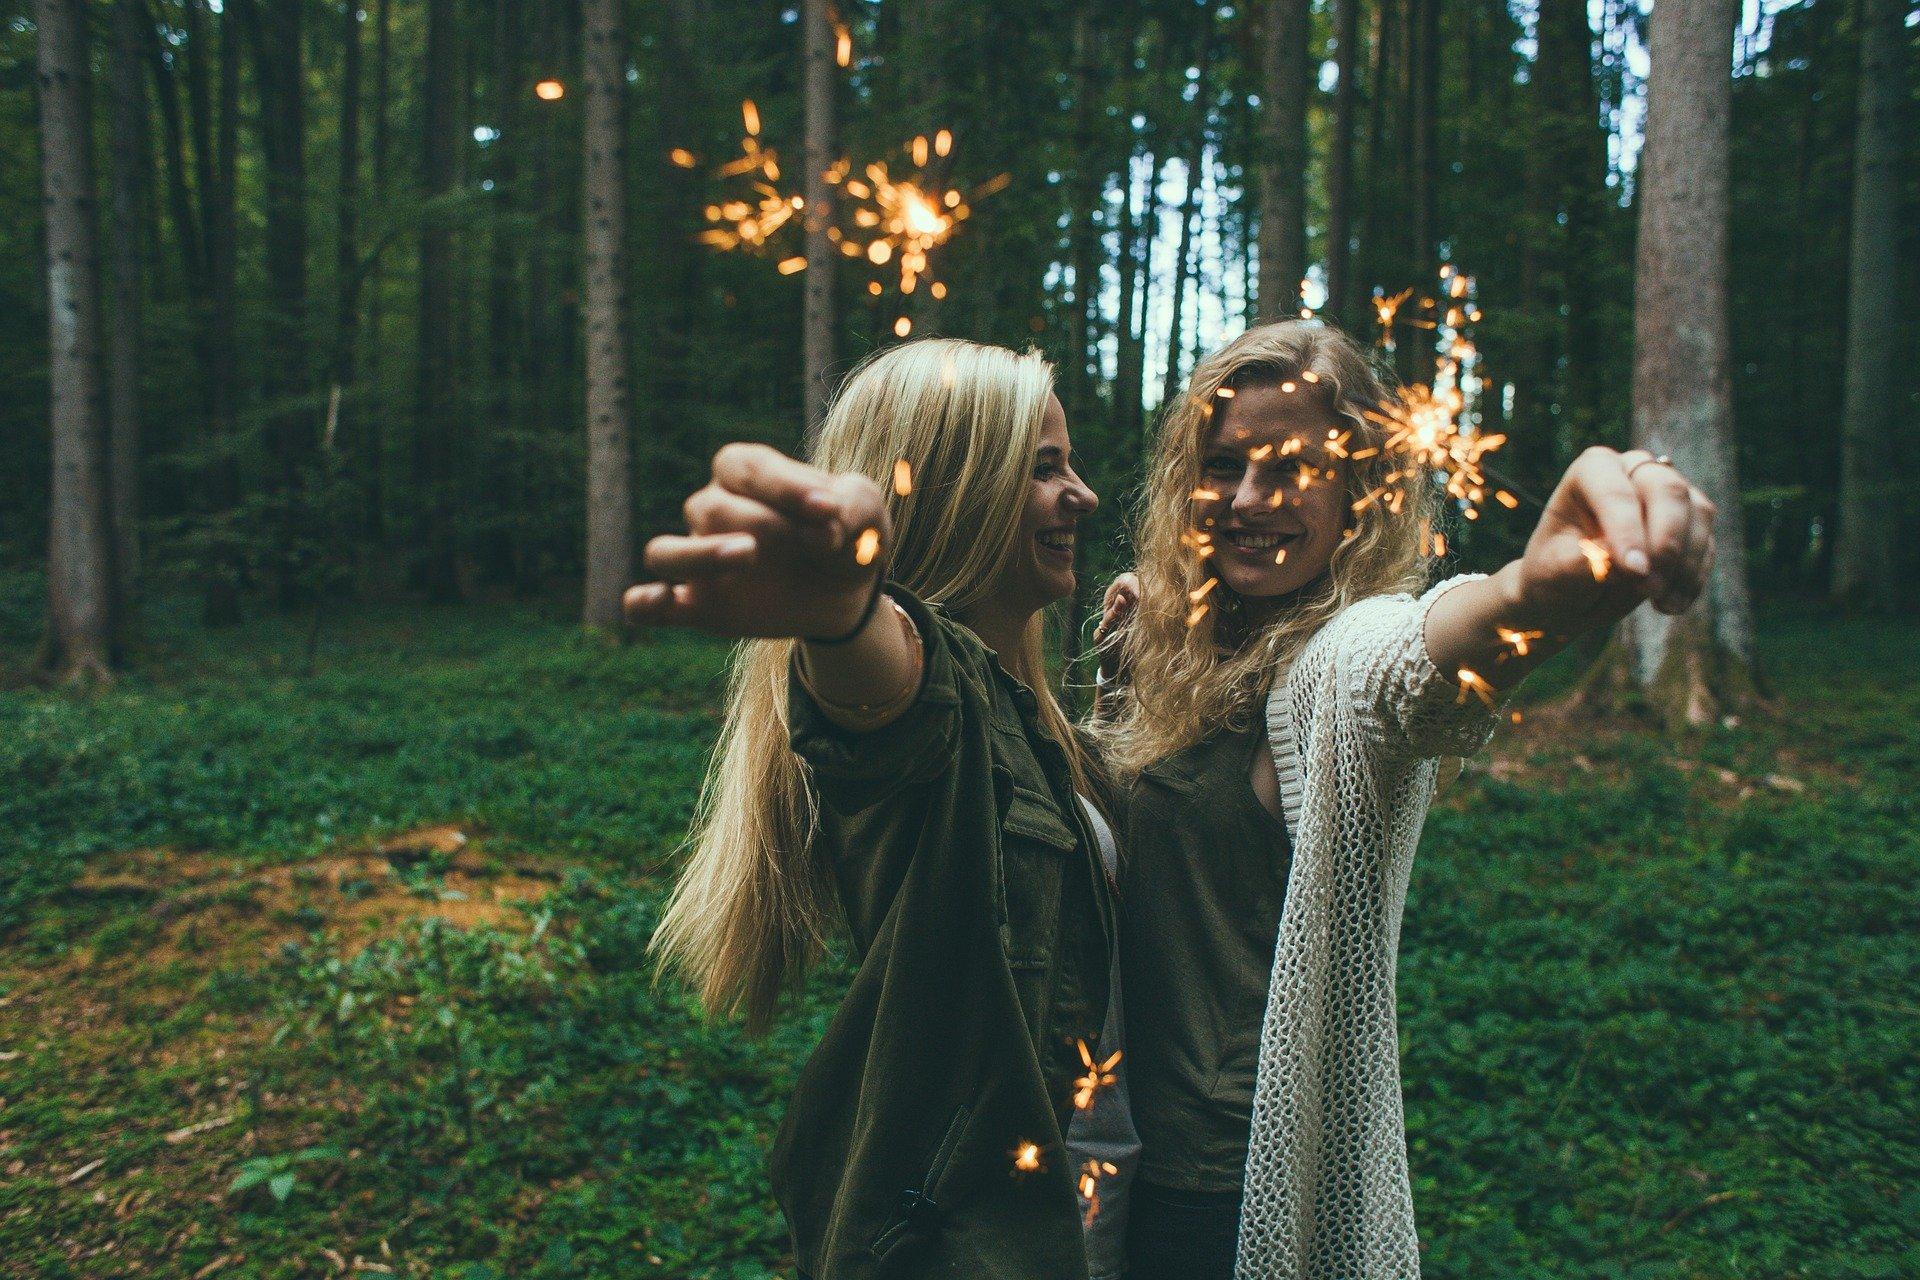 Miért fontos fenntartani a jó barátságot?